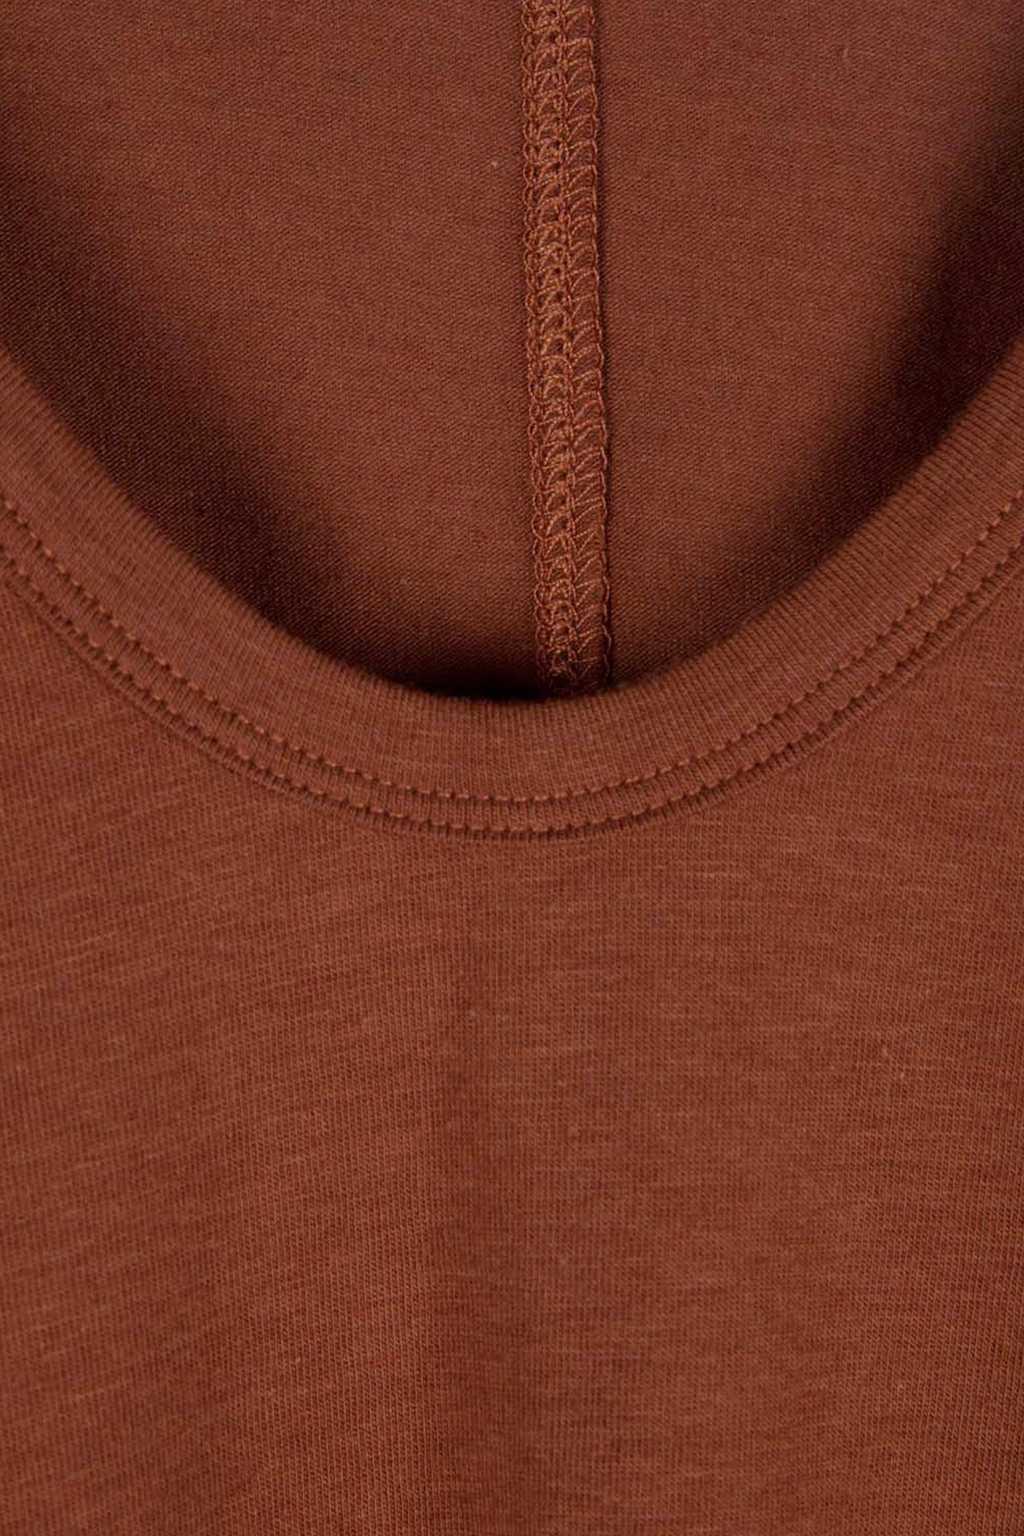 TShirt 1538 Red 20